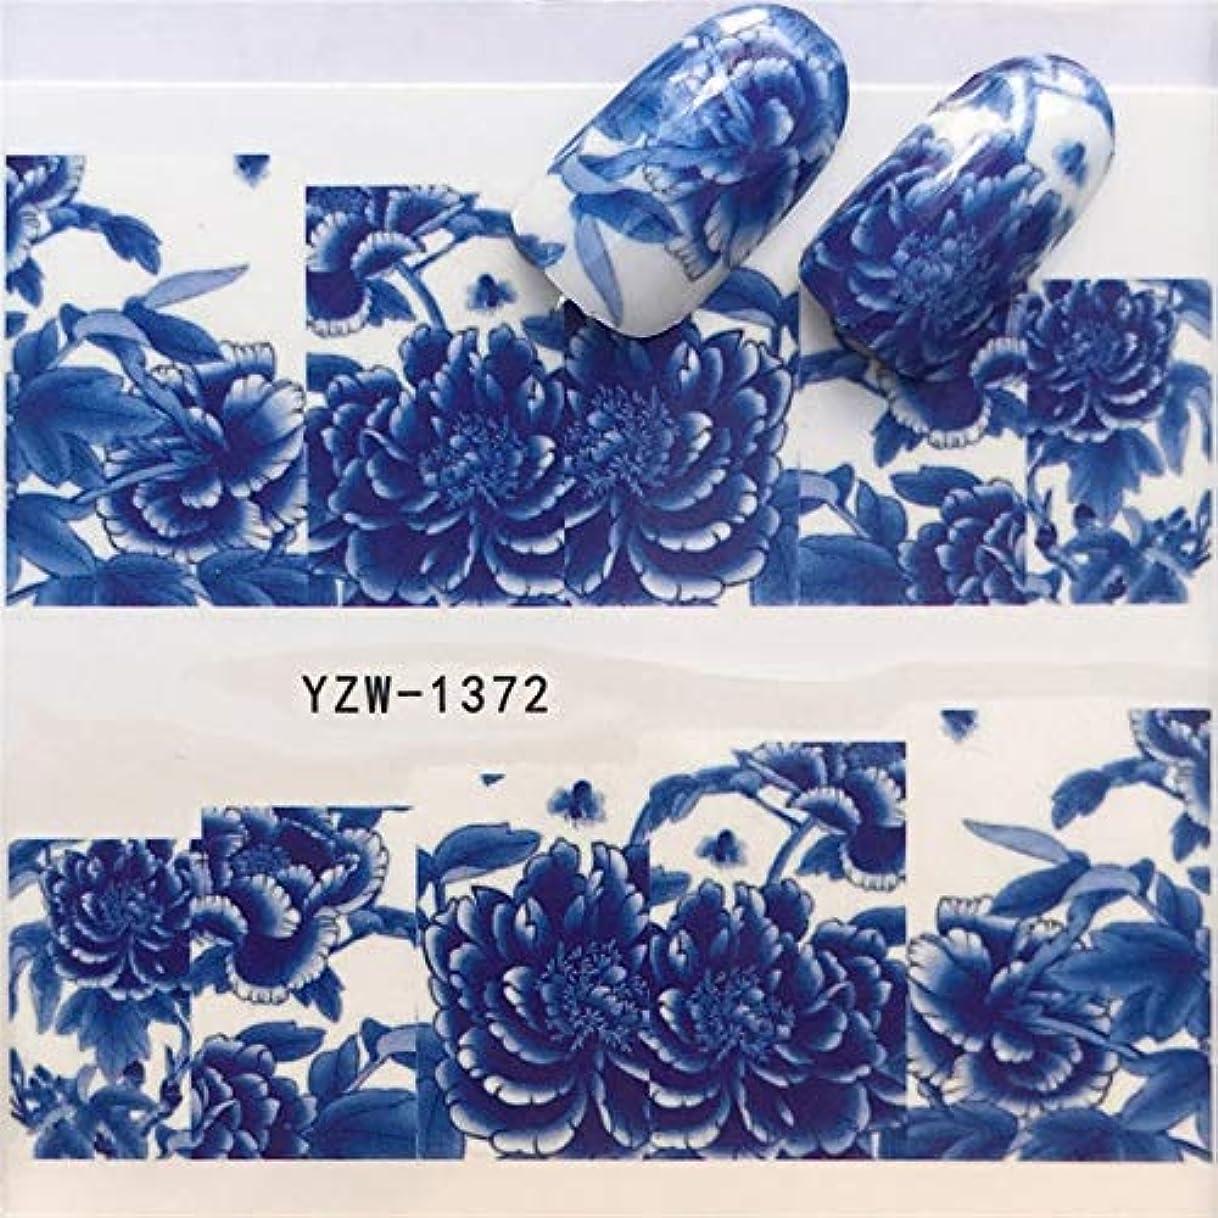 他に異常な性別手足ビューティーケア 3個ネイルステッカーセットデカール水転写スライダーネイルアートデコレーション、色:YZW 1372